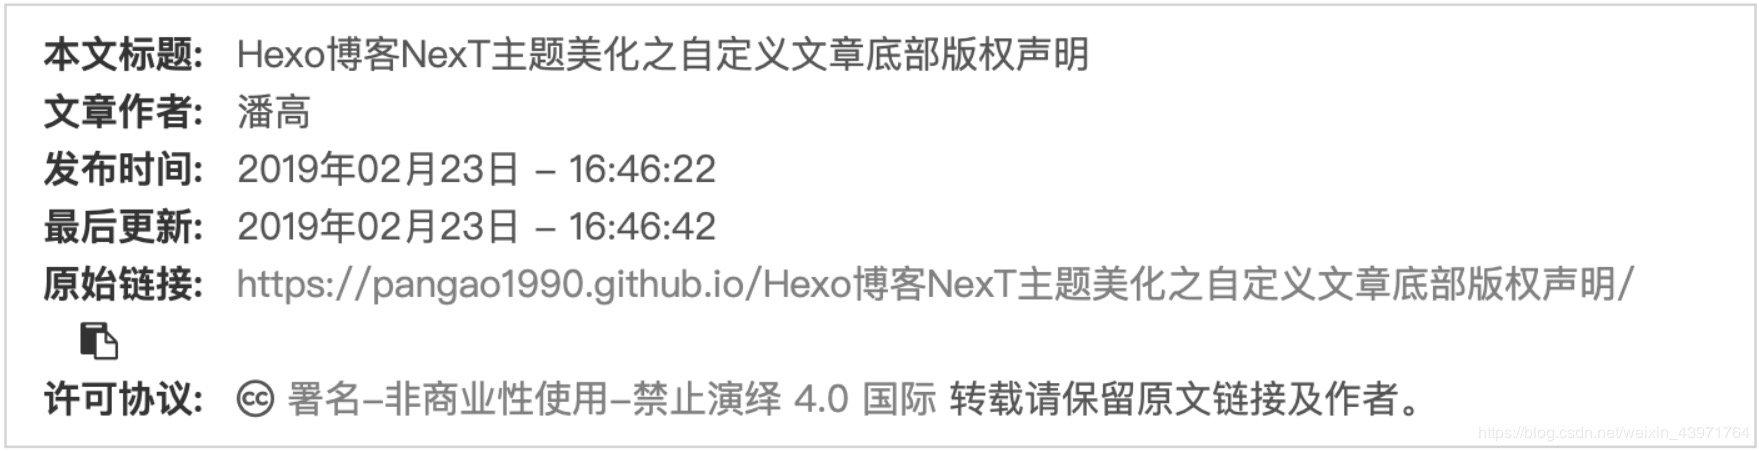 图2 新版本Next下自定义版权声明示意图